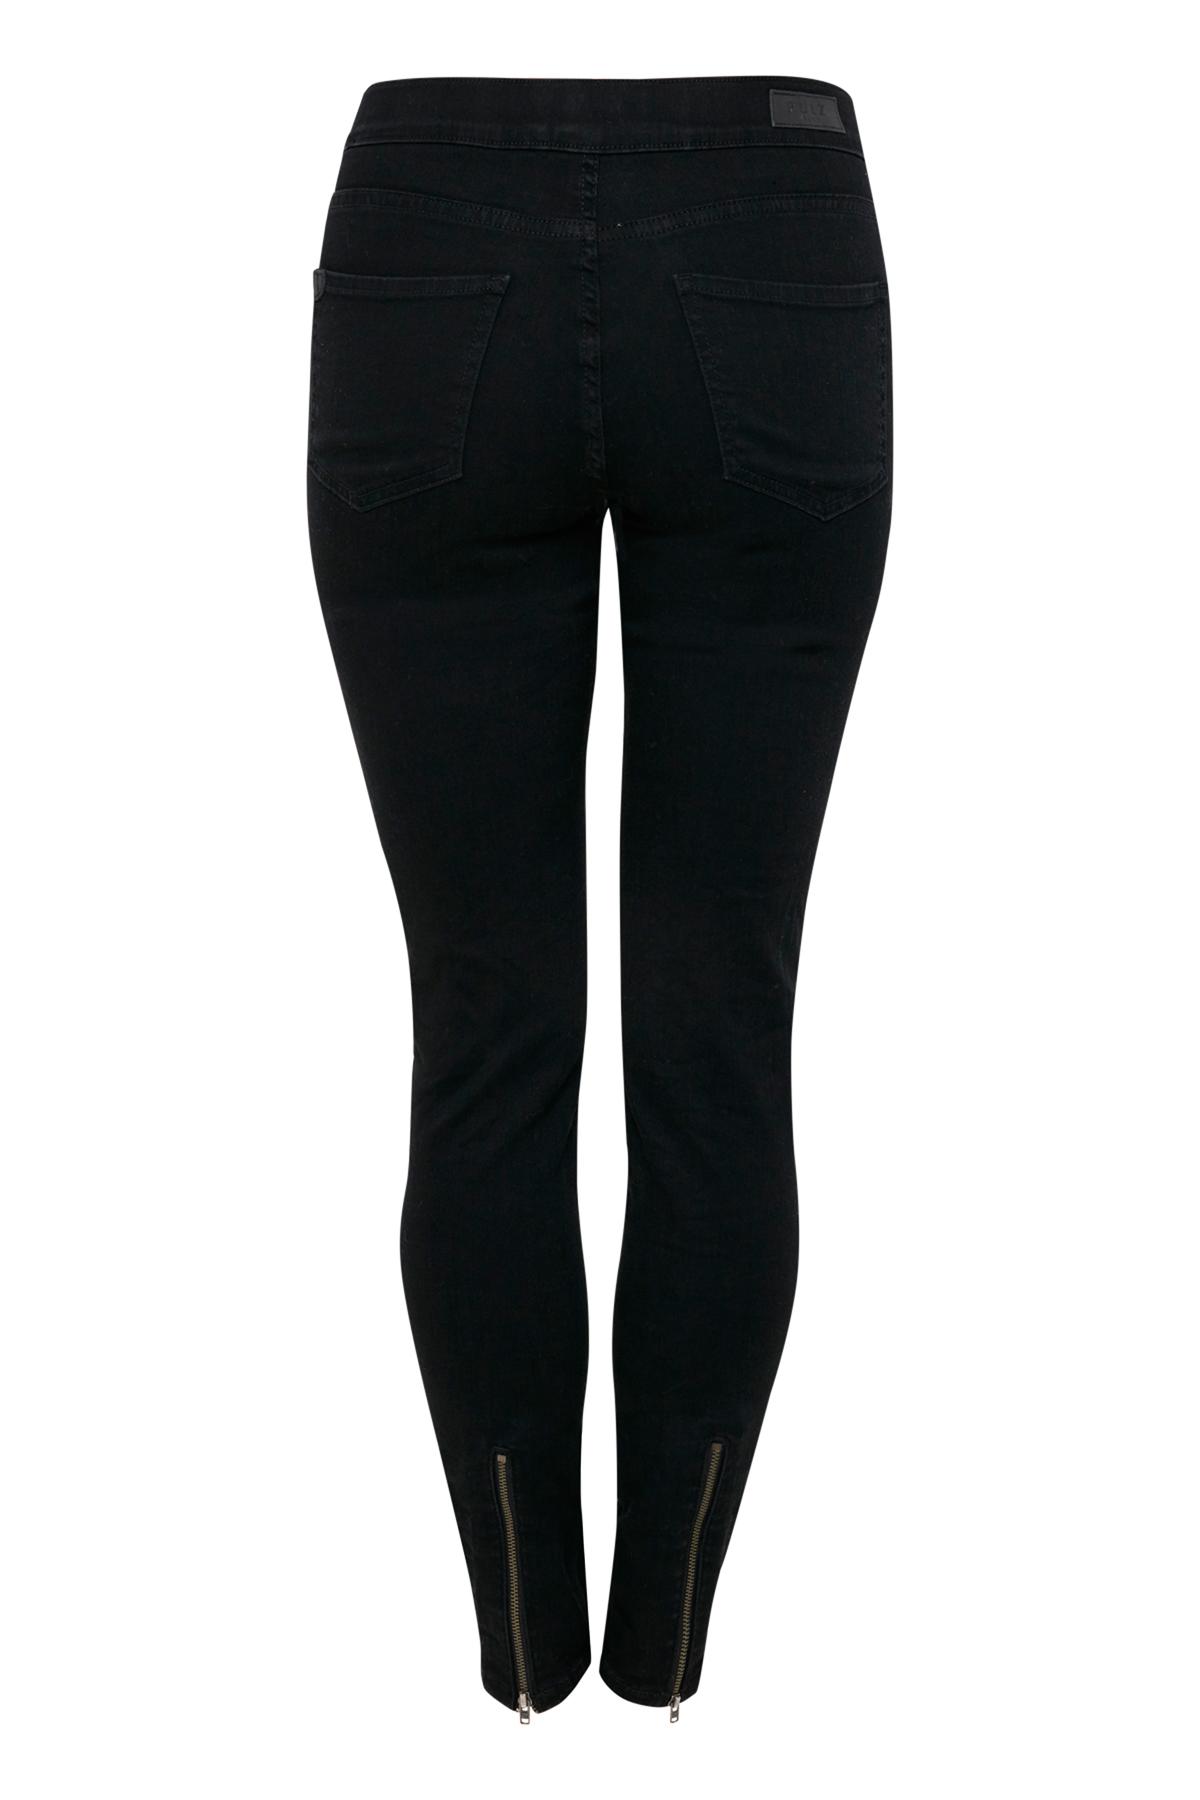 Sort Jeans fra Pulz Jeans – Køb Sort Jeans fra str. 25-34 her